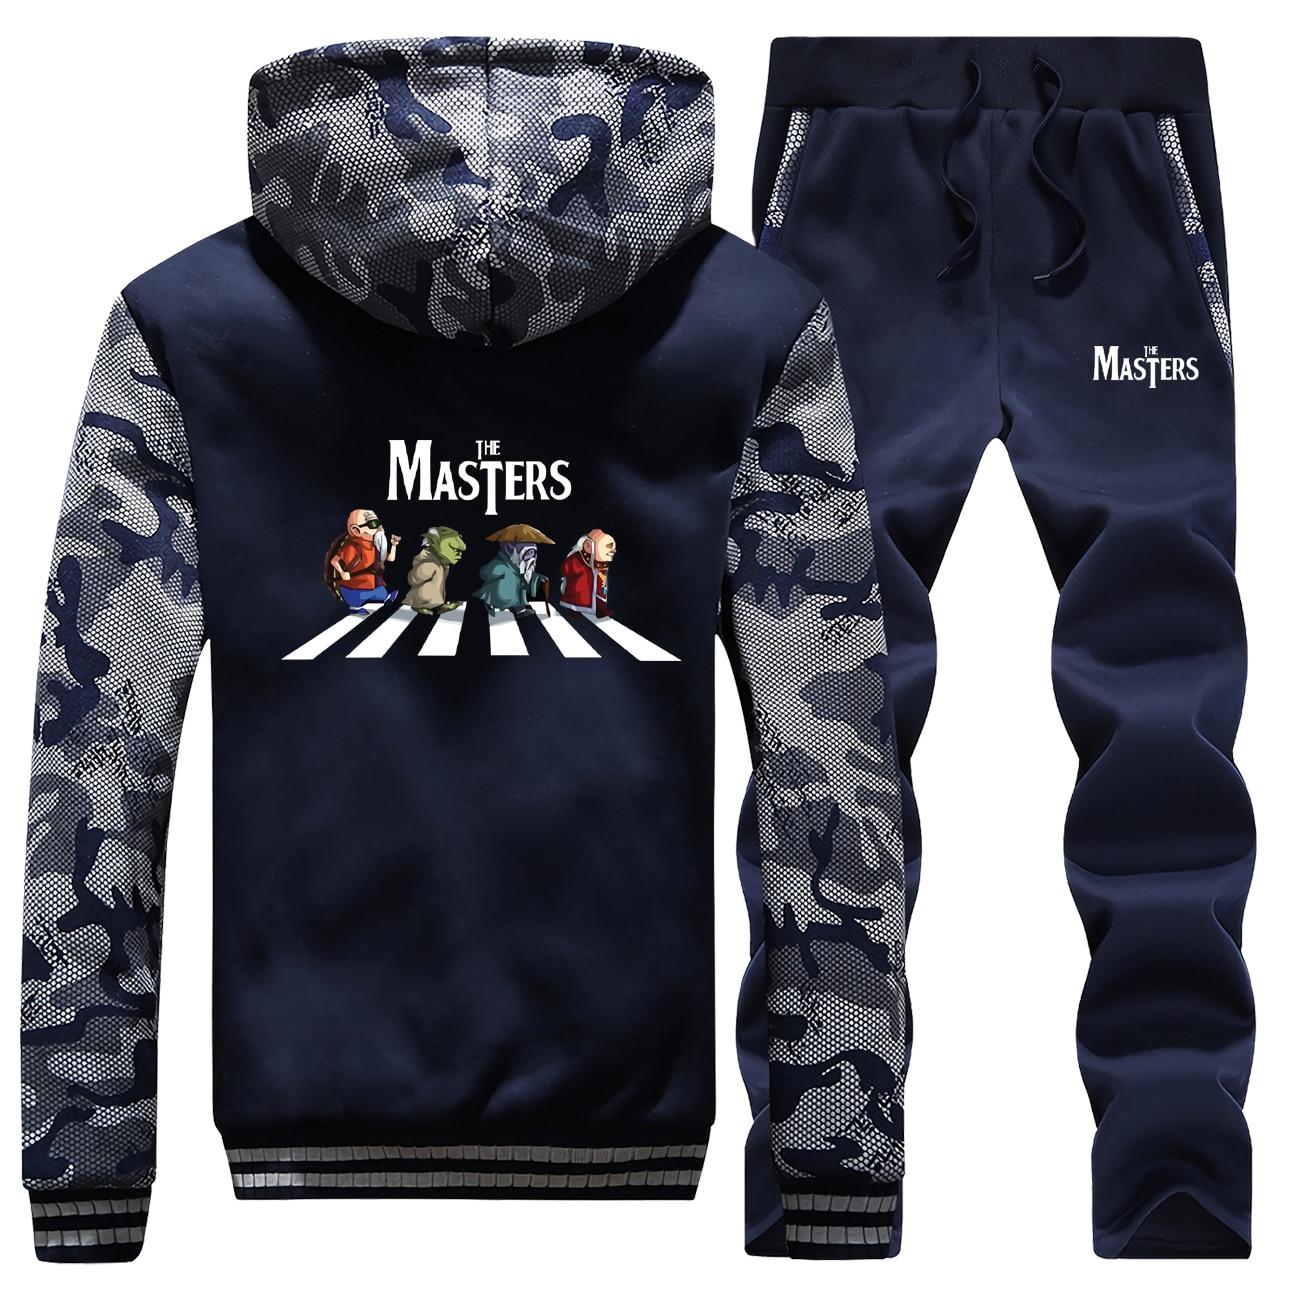 The Masters Print Coat Men Thick Fleece Hoodies Funny Camo Japanese Streetwear Men's Sweatshirt+Pants 2 Piece Sets Winter Jacket